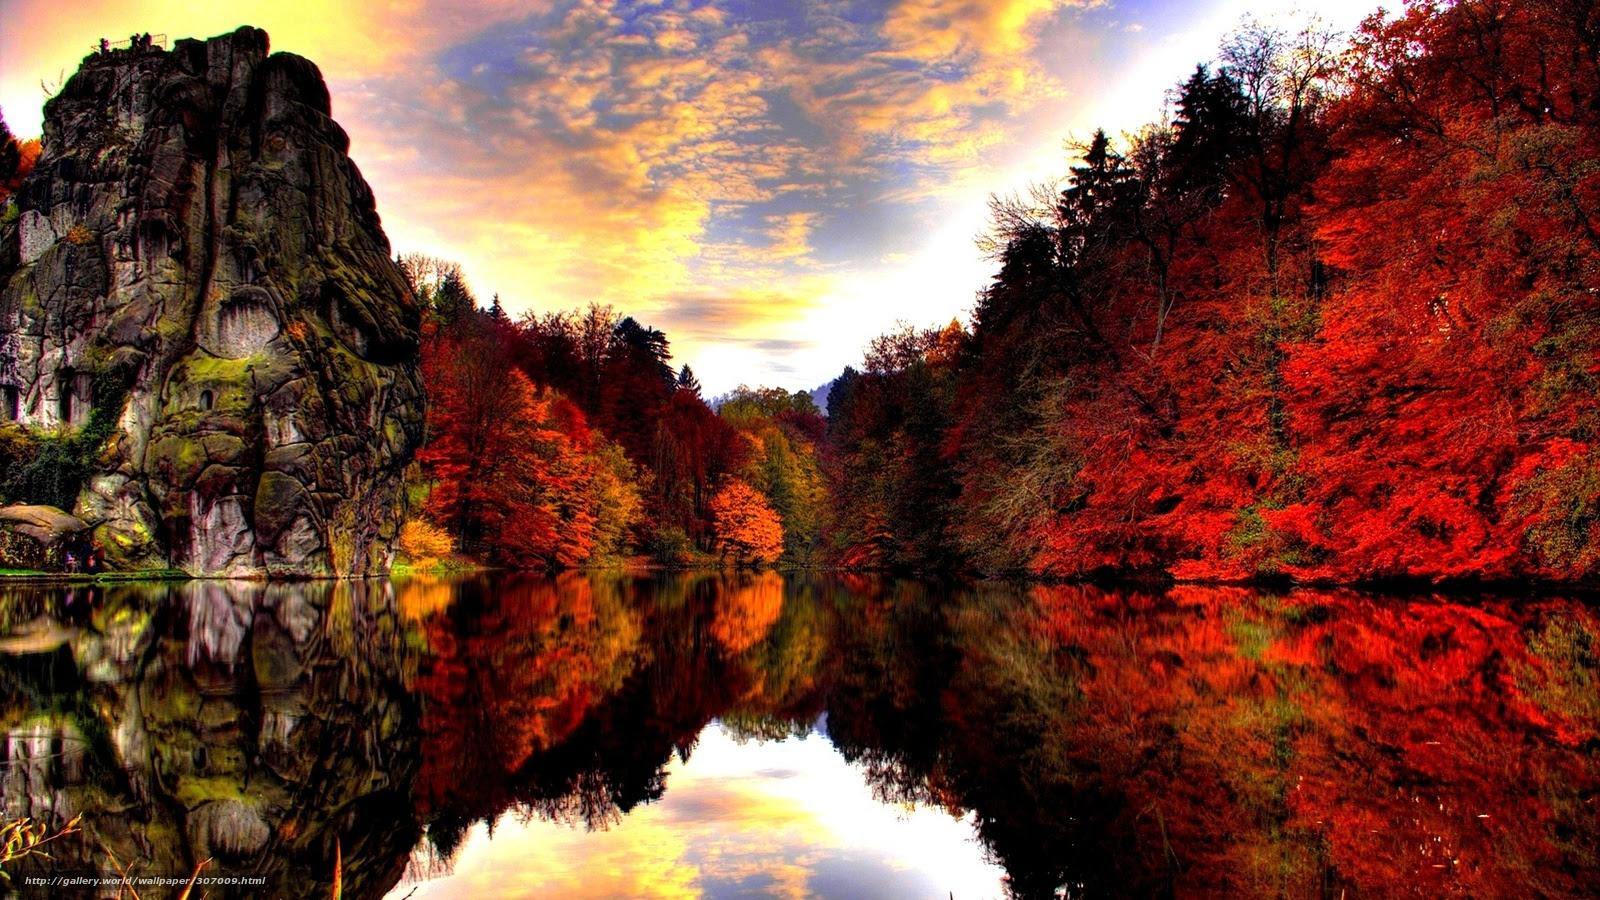 Tlcharger Fond Decran Nature Automne Rocks Rouge Fonds D